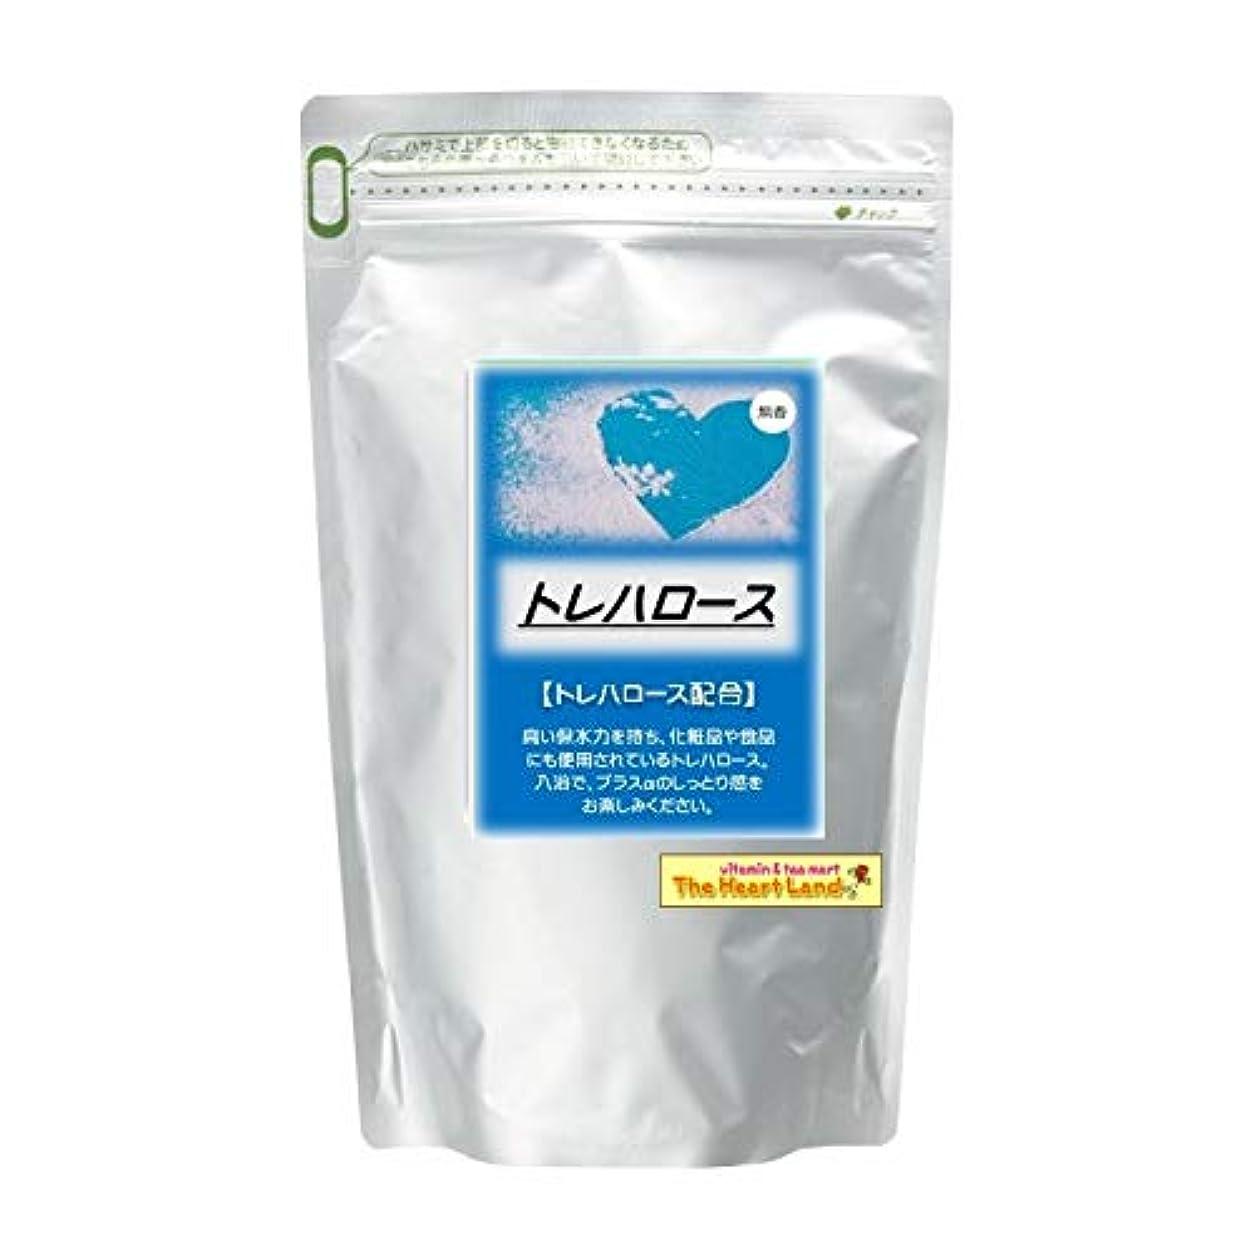 廃棄する怠なかすれたアサヒ入浴剤 浴用入浴化粧品 トレハロース 300g